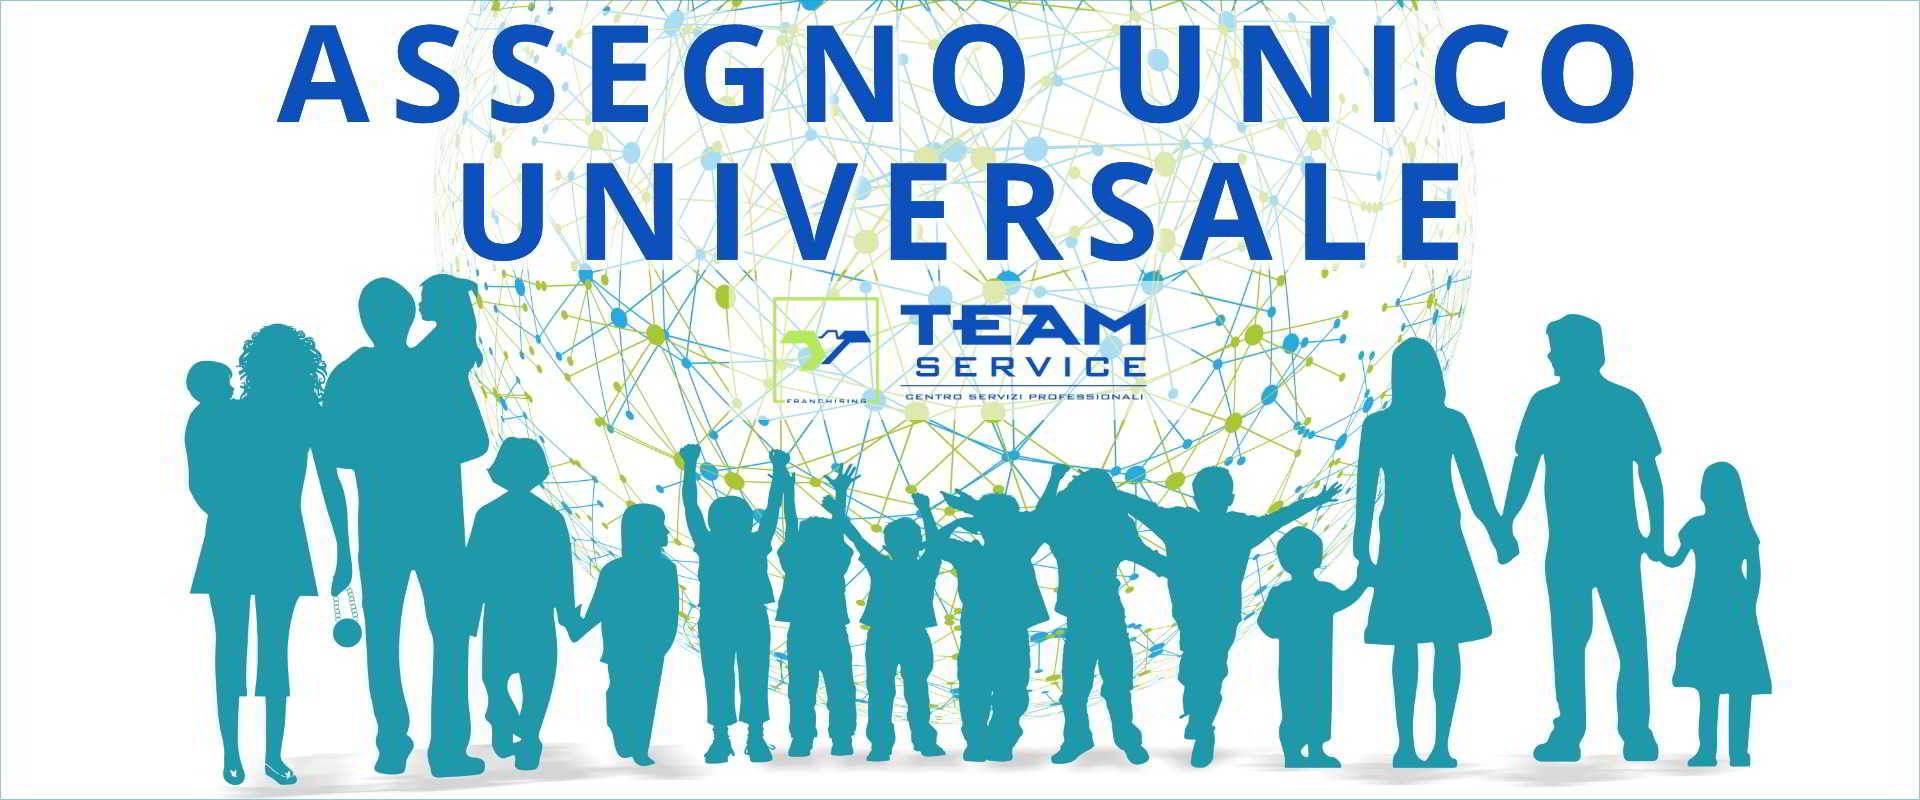 Assegno Unico Universale: serve l'ISEE per fare richiesta.